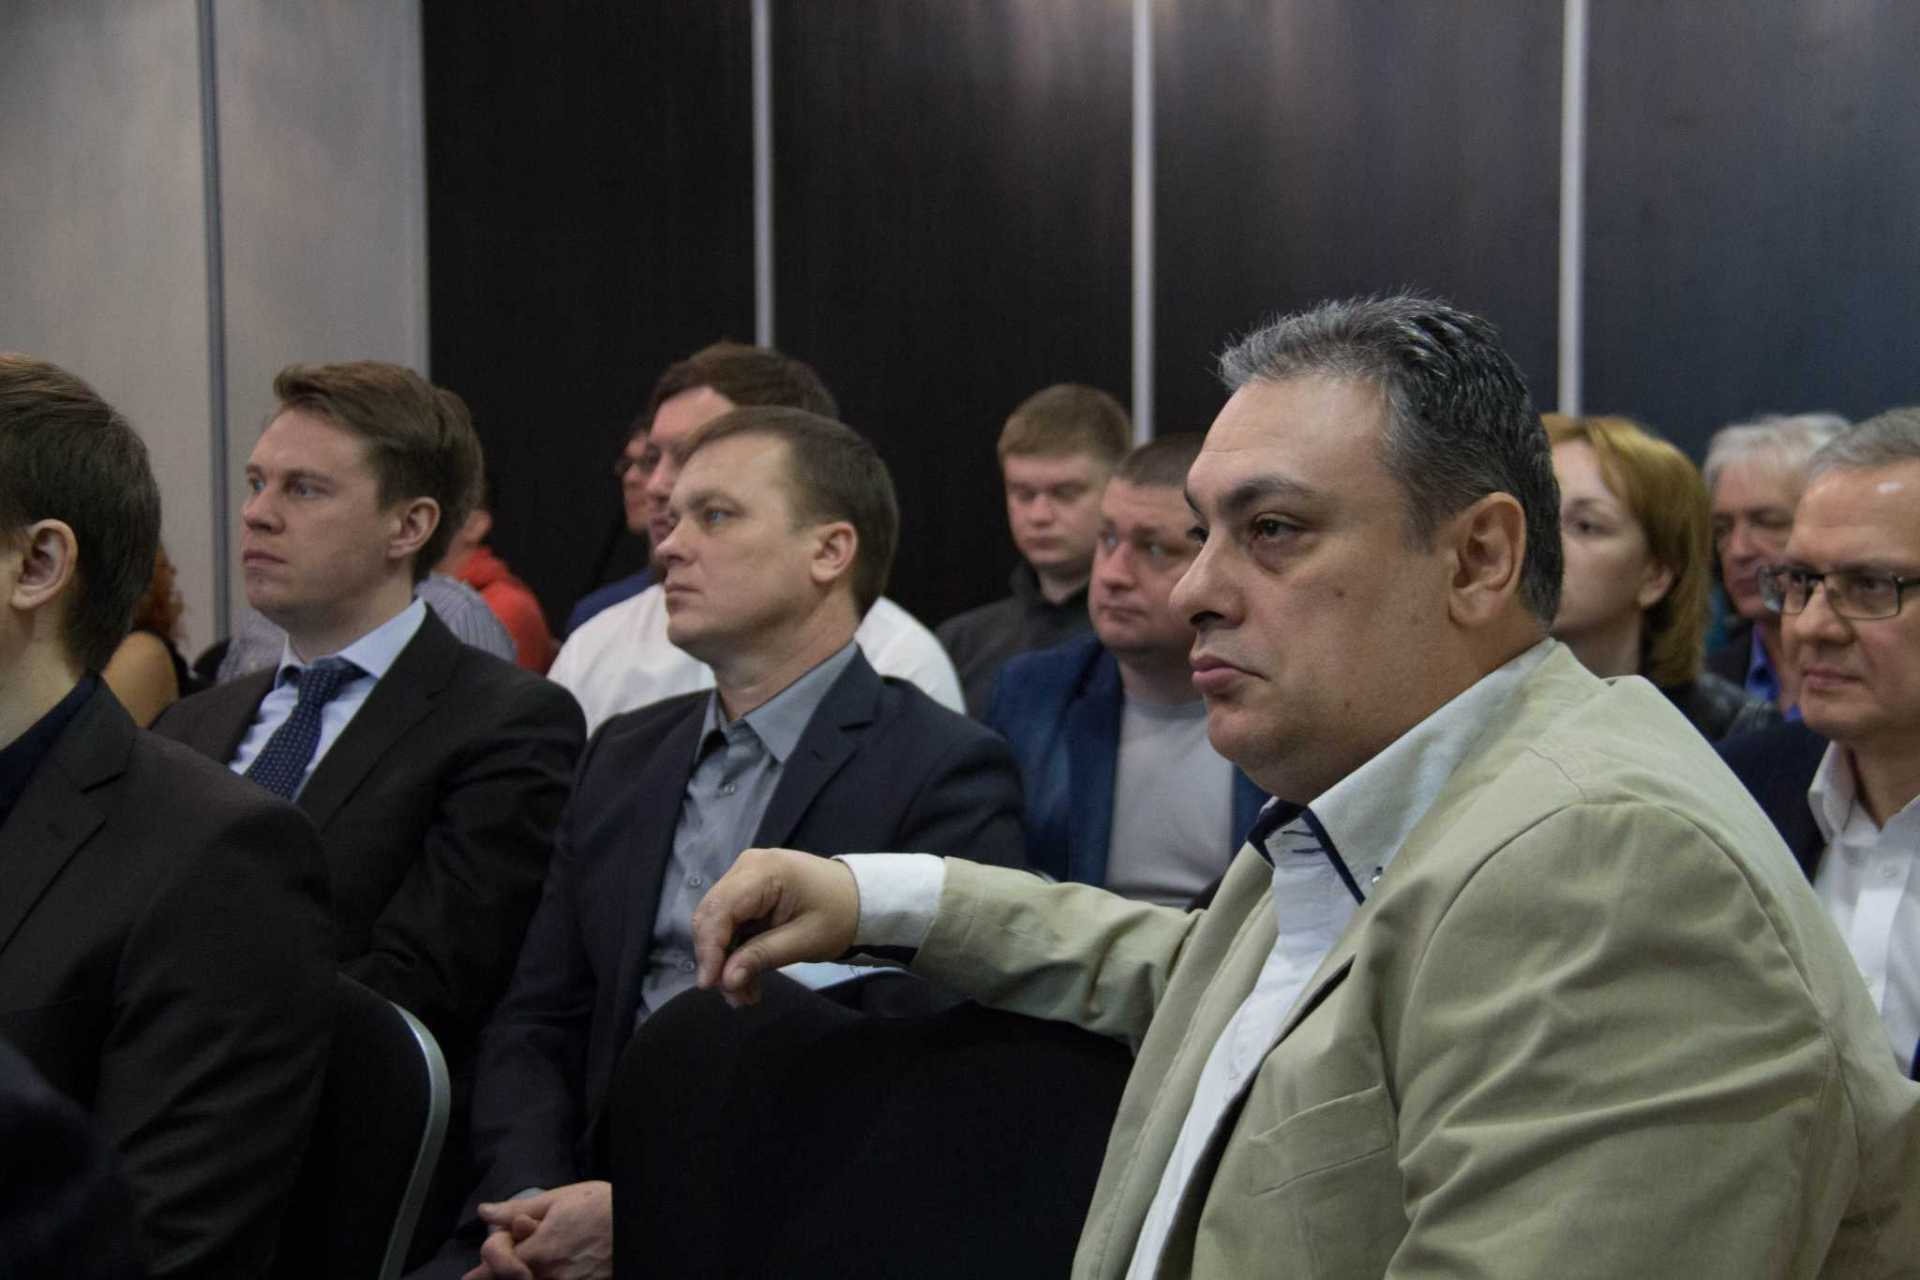 Встреча членов Клуба успешных предпринимателей в Одинцово